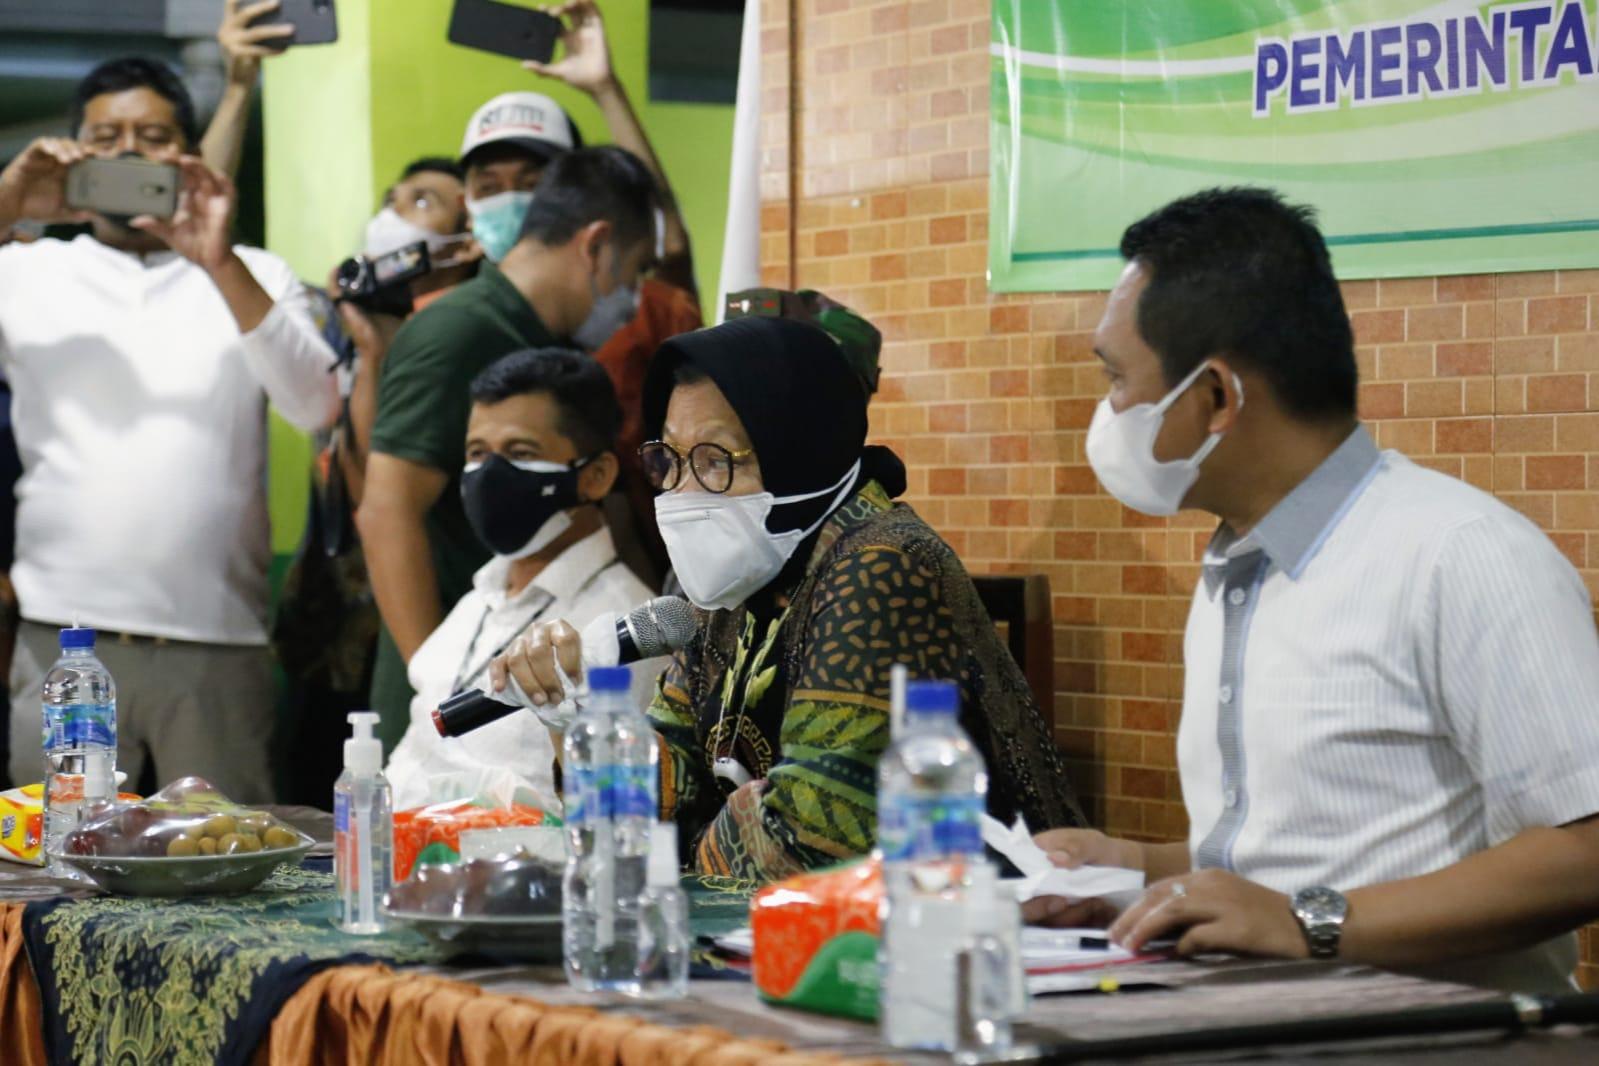 Di Hadapan Mensos Risma, Dua Bupati Sampaikan Komitmen Transparansi Pengelolaan Bansos